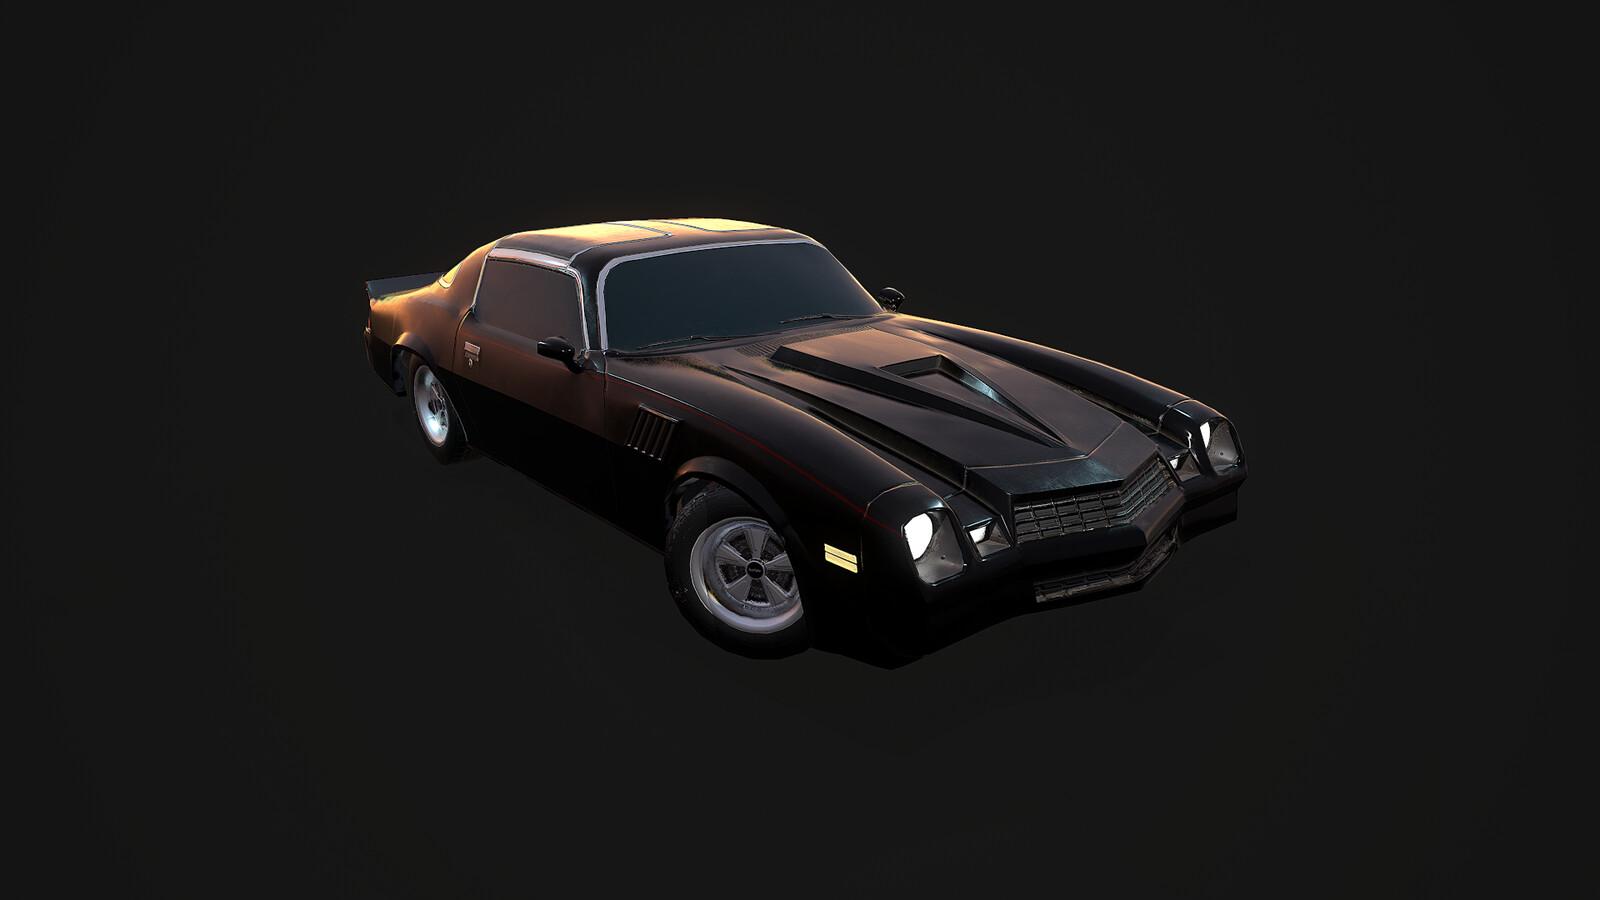 79' Camaro